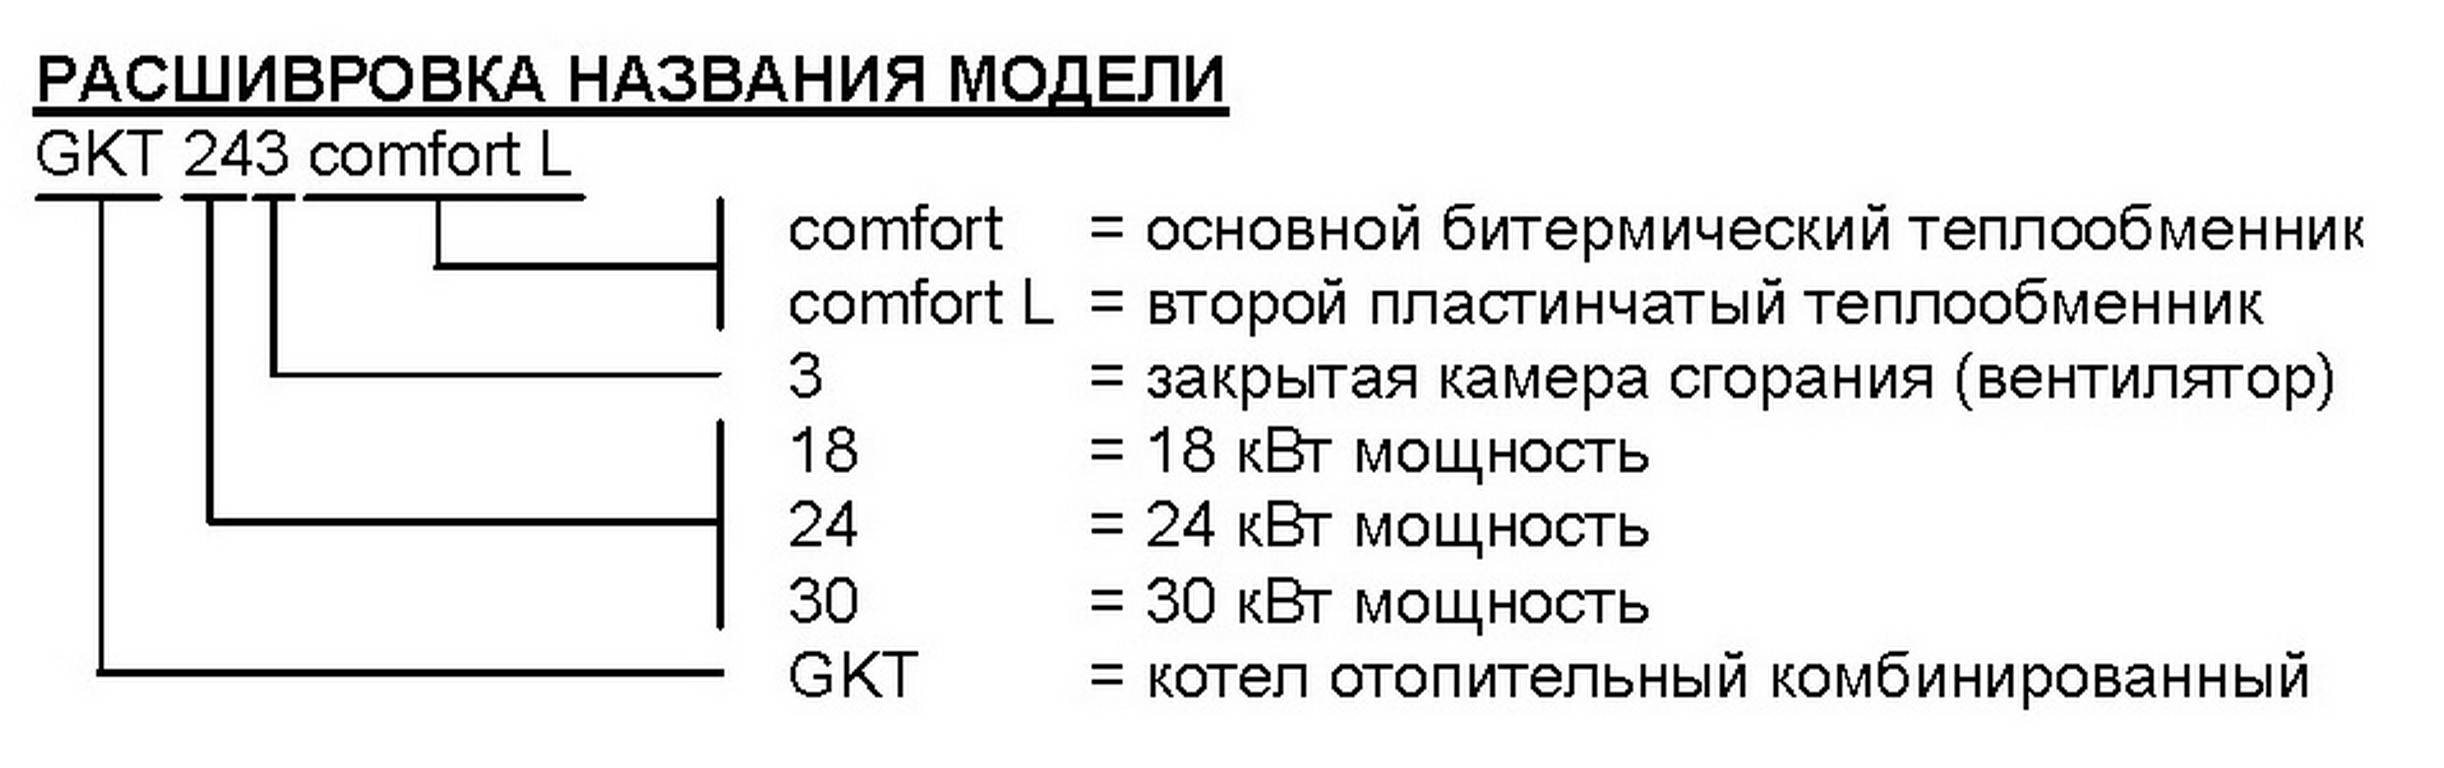 Теплообменник расшифровка названия план грунтового теплообменника